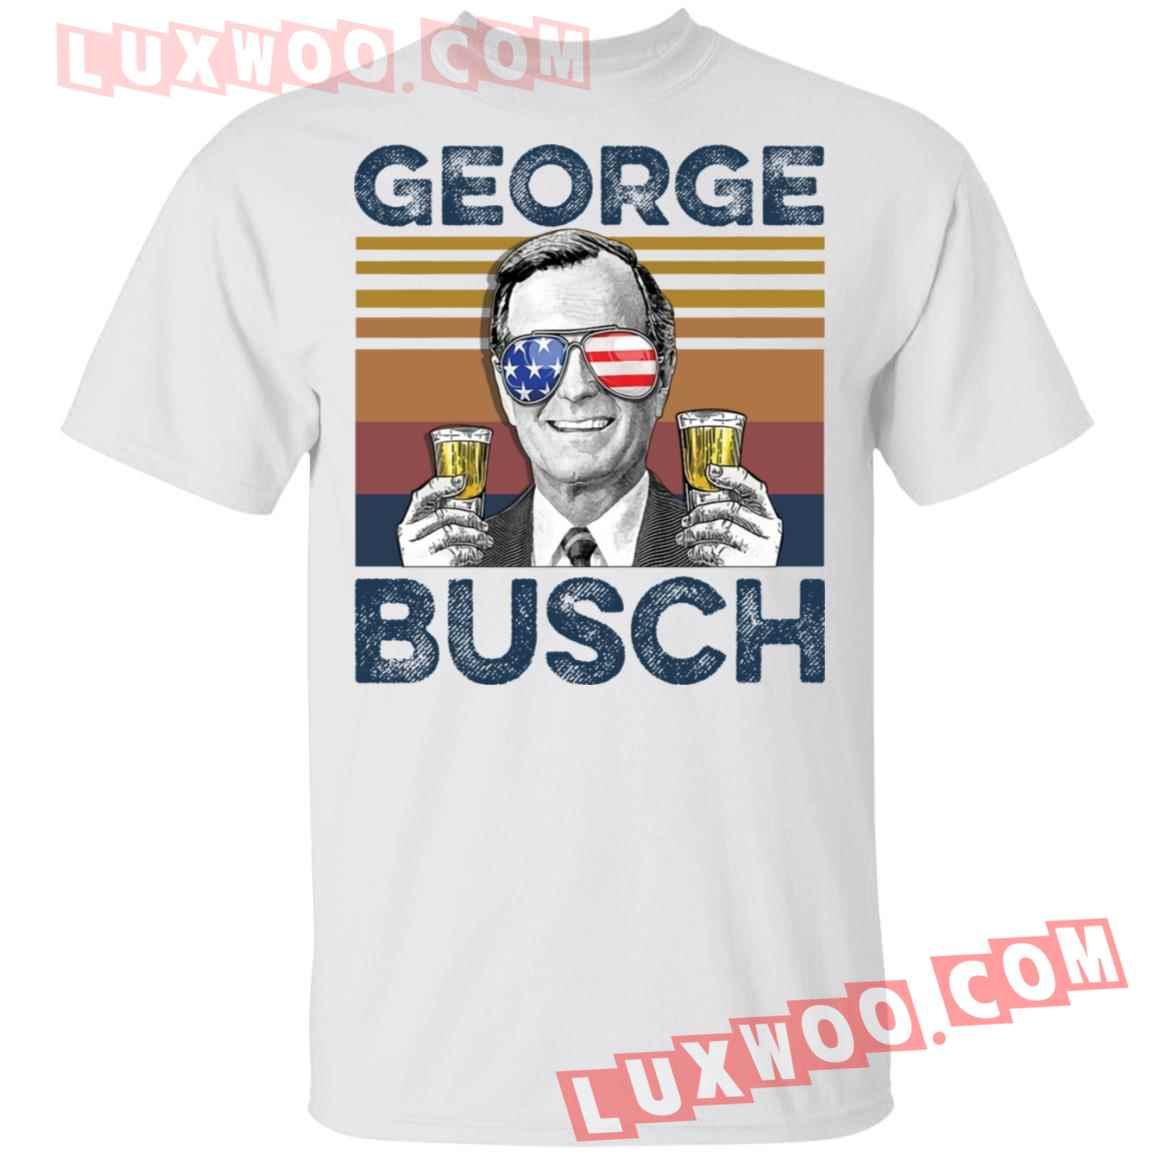 George Bush George Busch Shirt